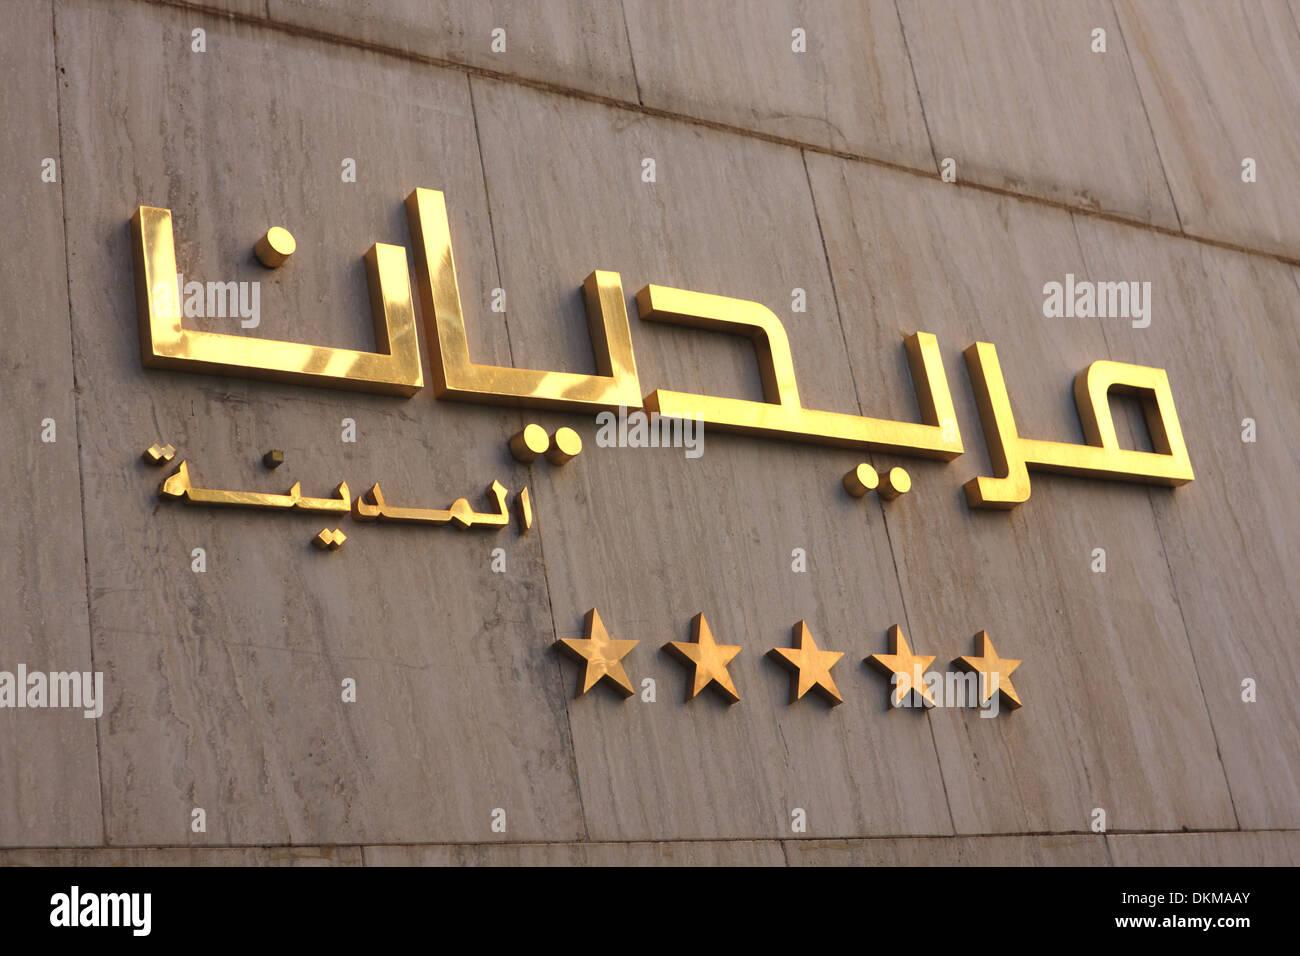 Sign of the Hotel Meridien in Medina, in Arabic, Kingdom of Saudi Arabia - Stock Image